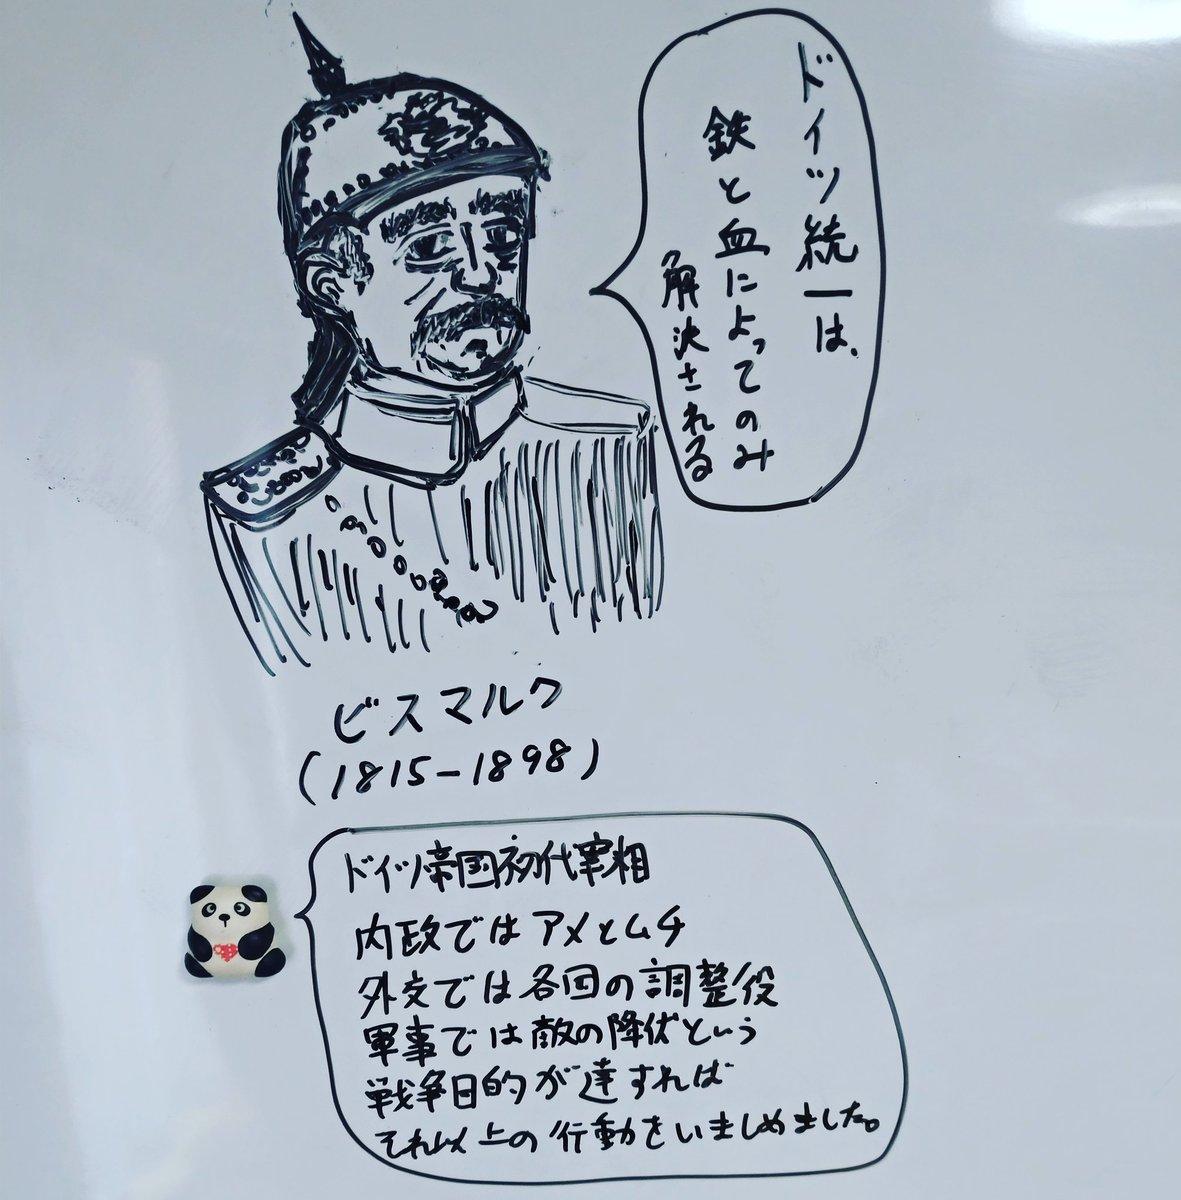 鉄血政策 hashtag on Twitter